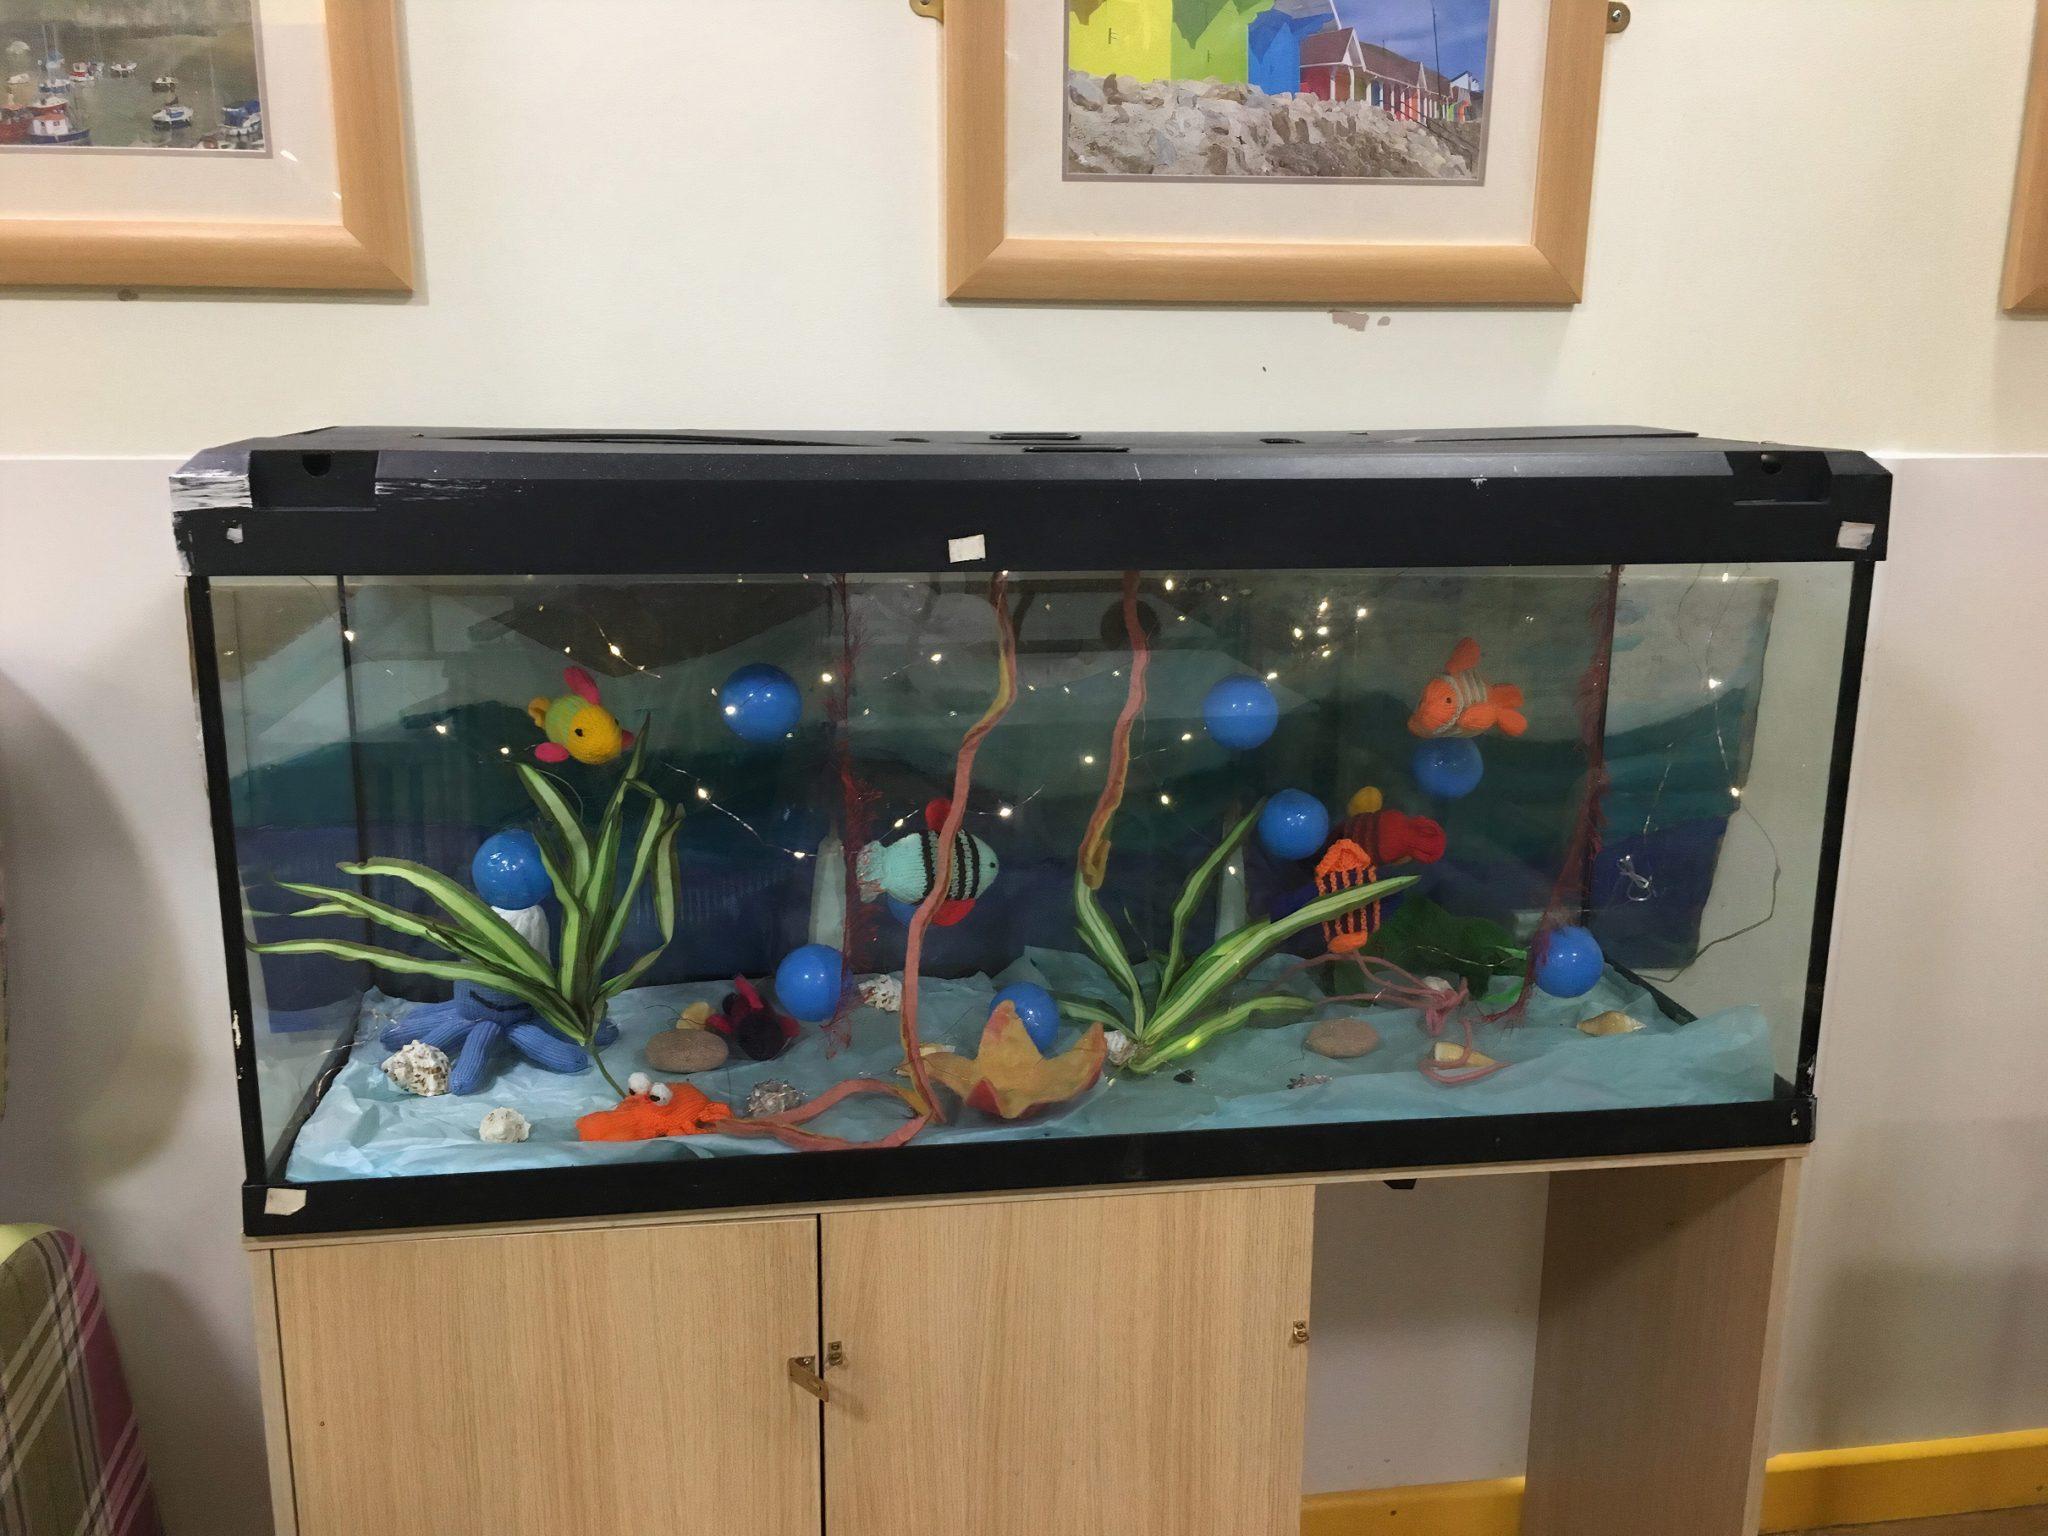 The 'fish'-tastic aquarium (002)